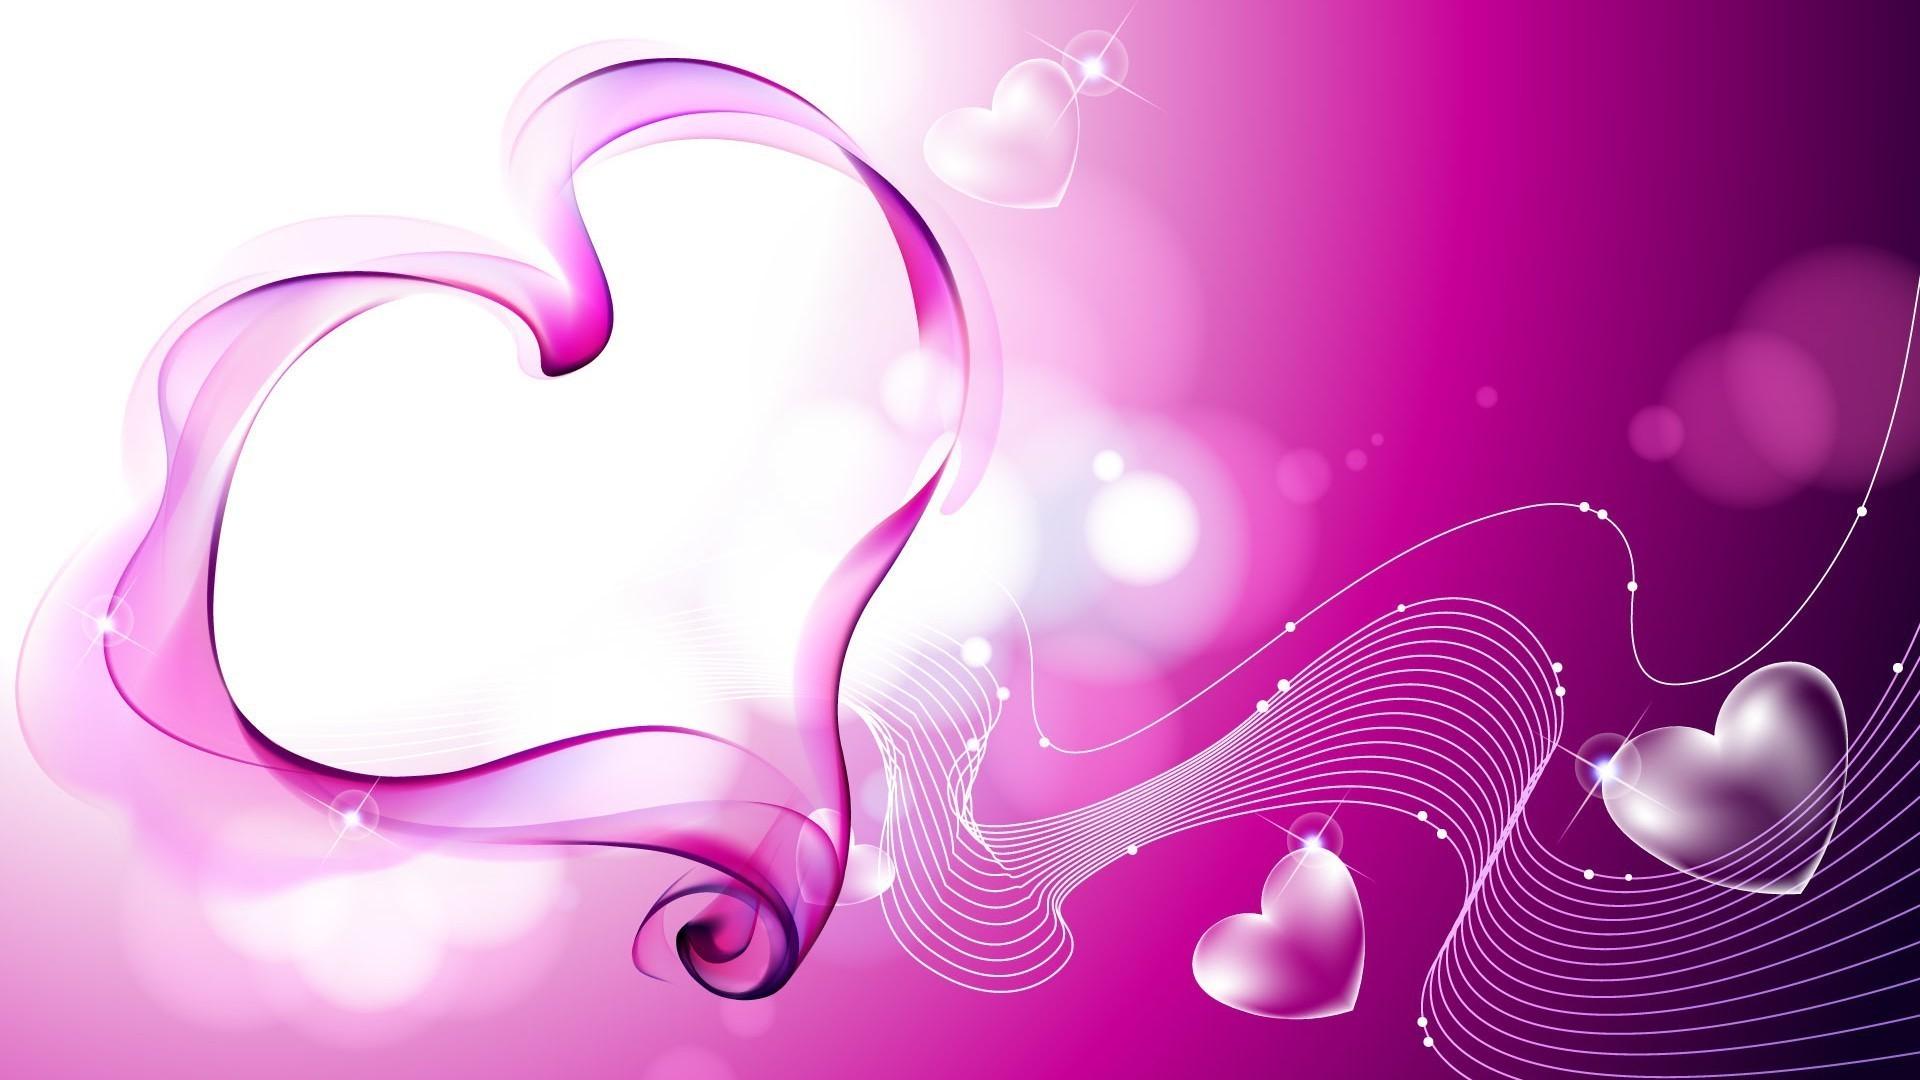 Сердце рисунок валентинов день загрузить